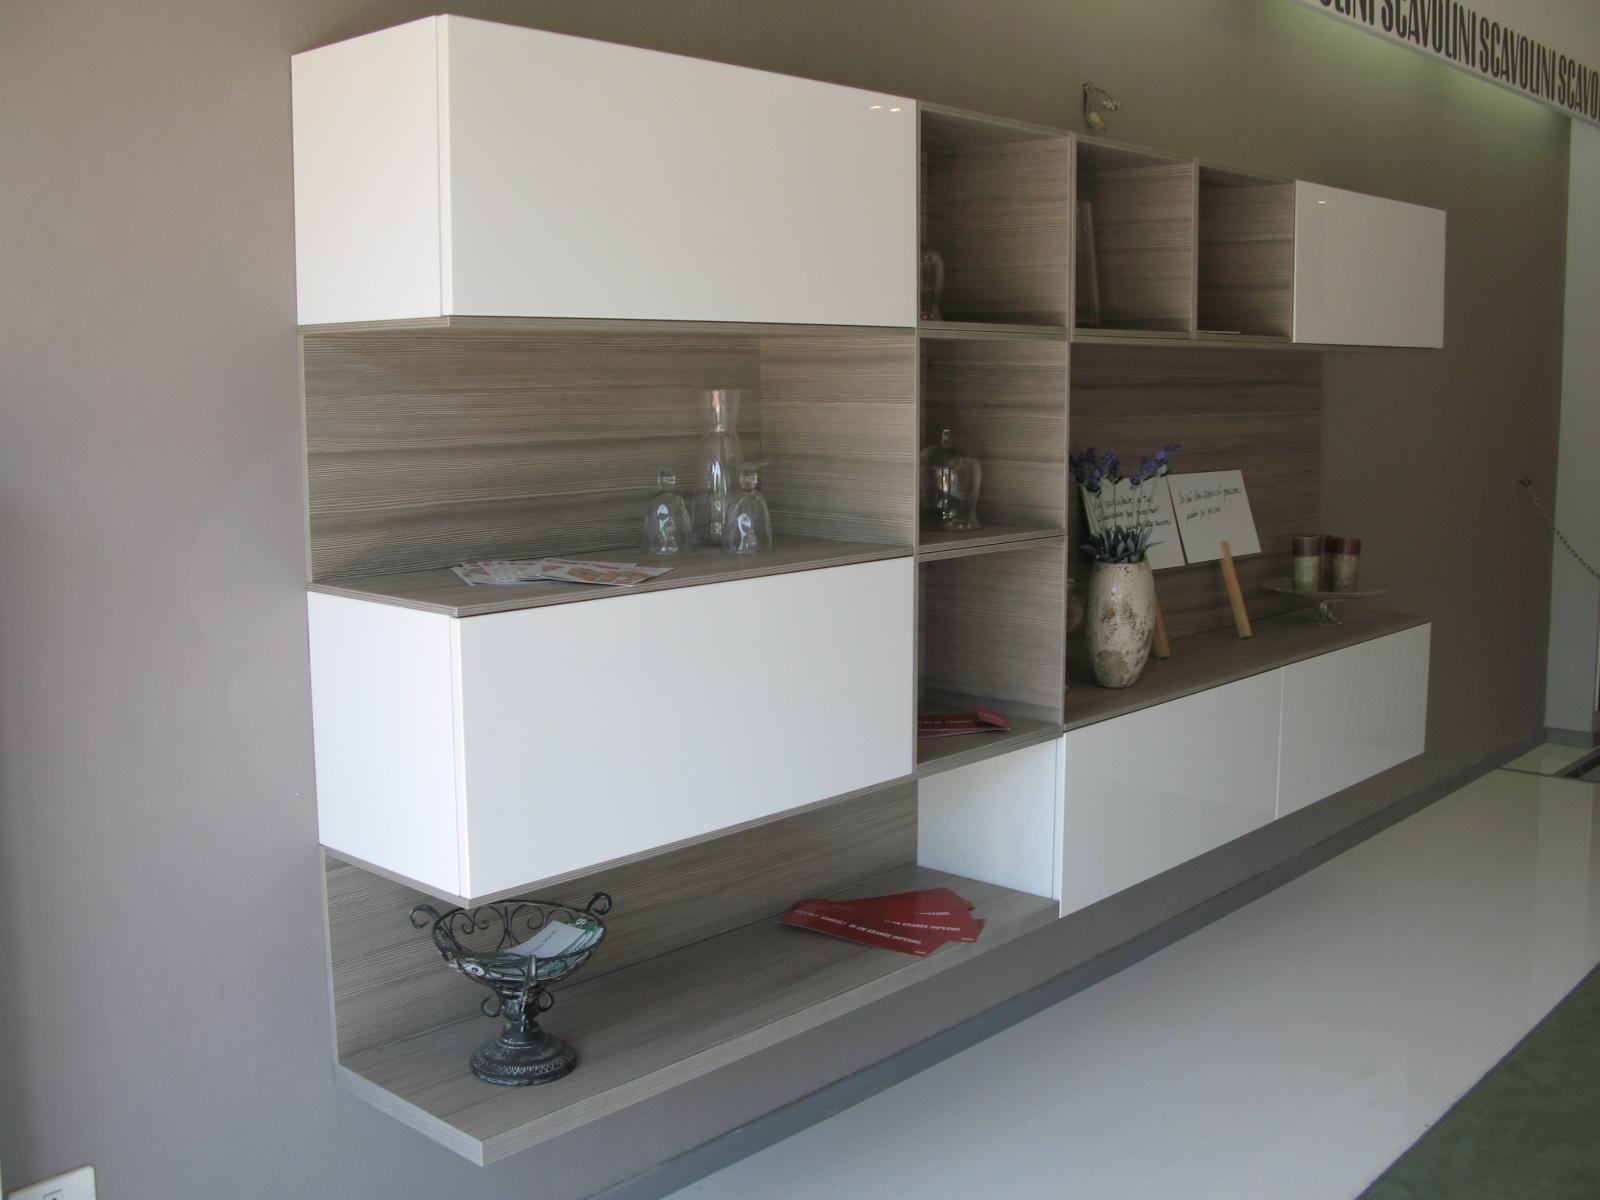 Scavolini offerta outlet soggiorno mod liberamente for Scavolini pareti attrezzate